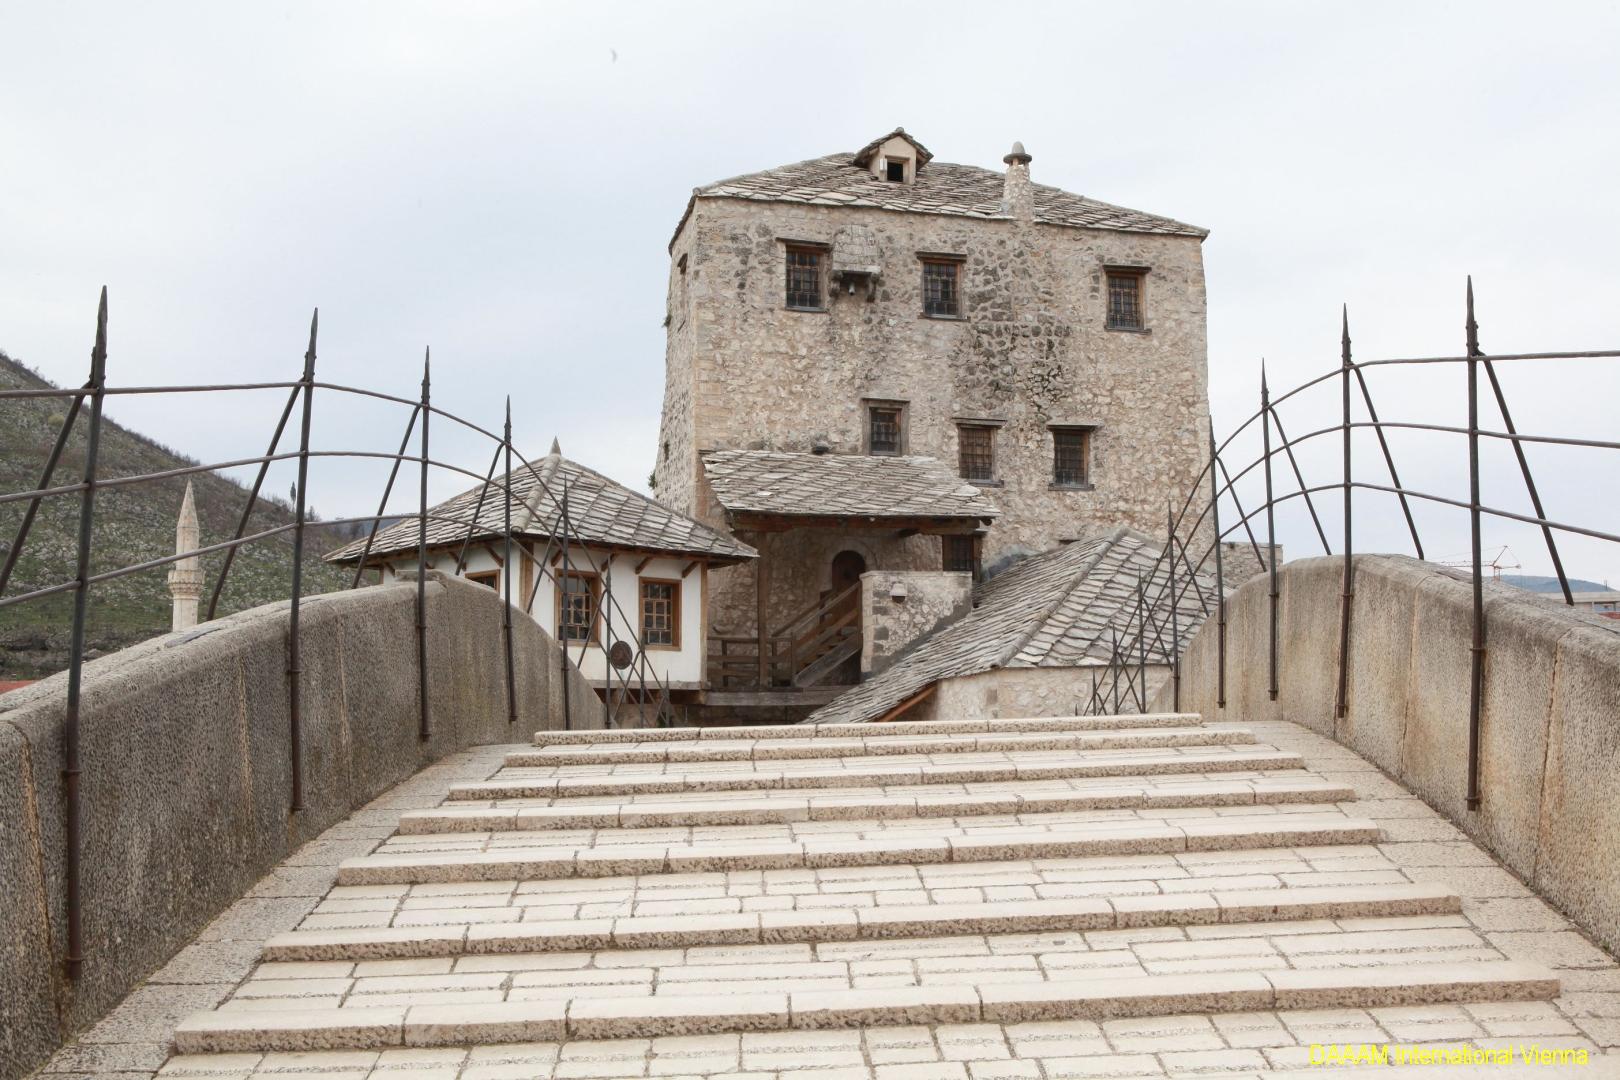 DAAAM_2016_Mostar_01_Magic_City_of_Mostar_070